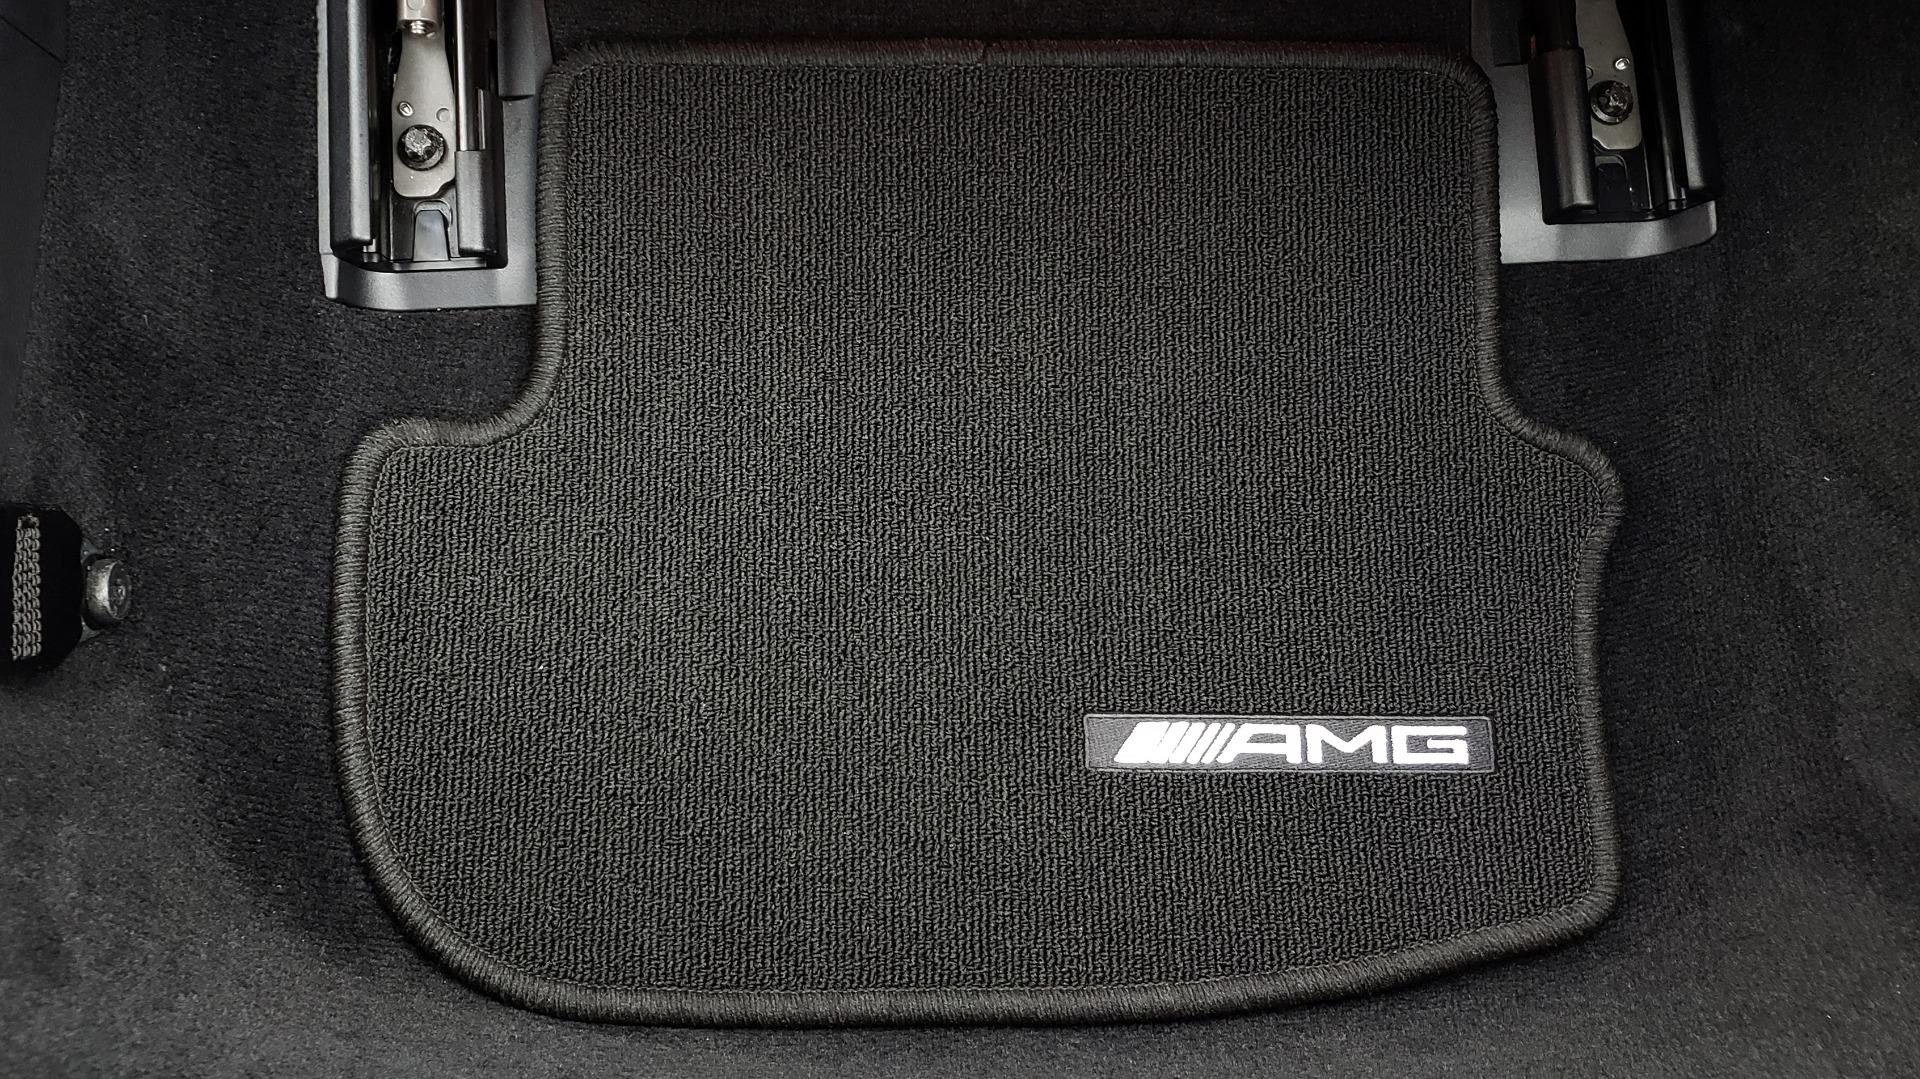 Used 2019 Mercedes-Benz C-CLASS C 300 CABRIOLET / PREM PKG / NAV / BURMESTER / MULTIMEDIA for sale Sold at Formula Imports in Charlotte NC 28227 80